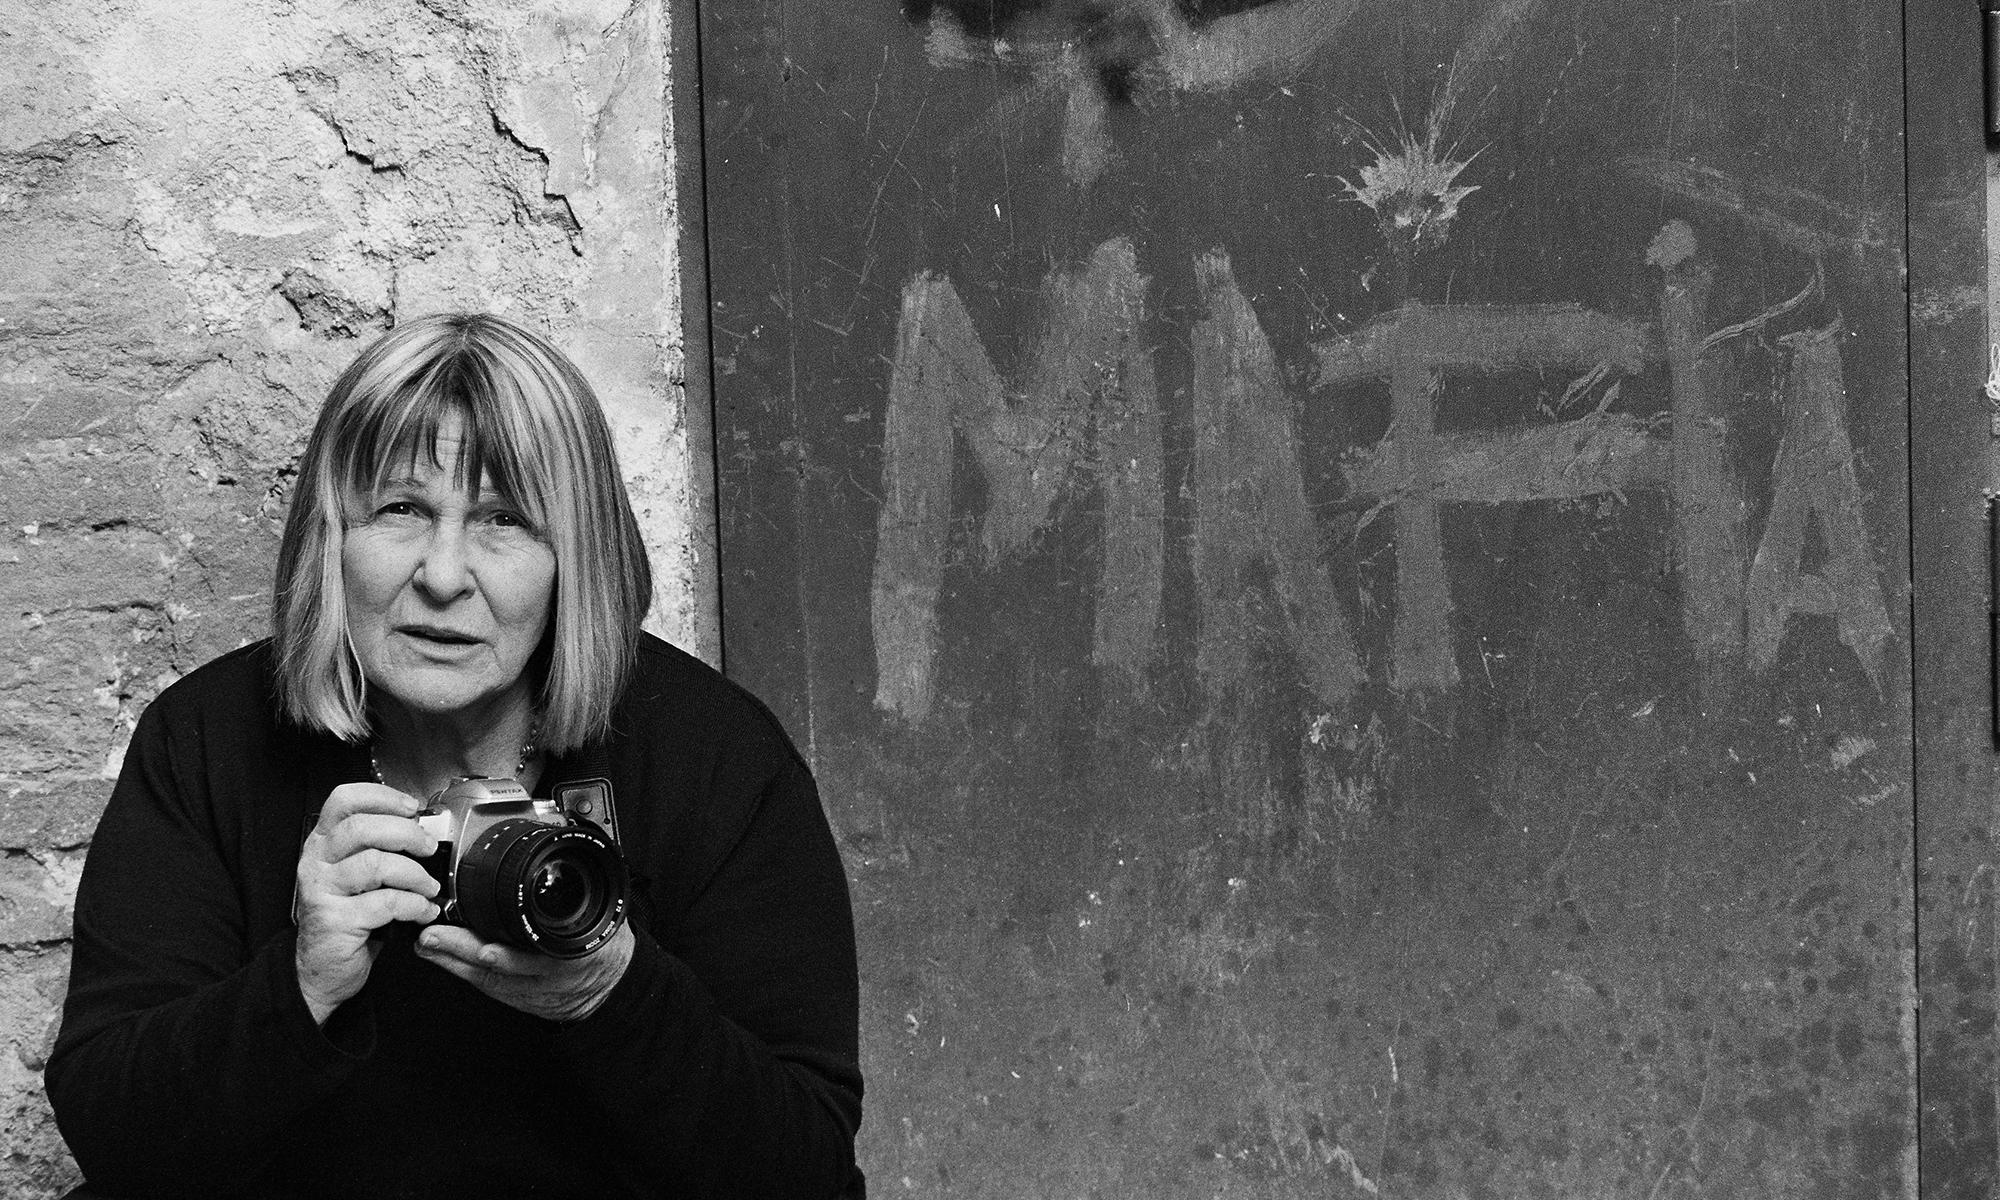 Letizia Battaglia_Shooting the mafia